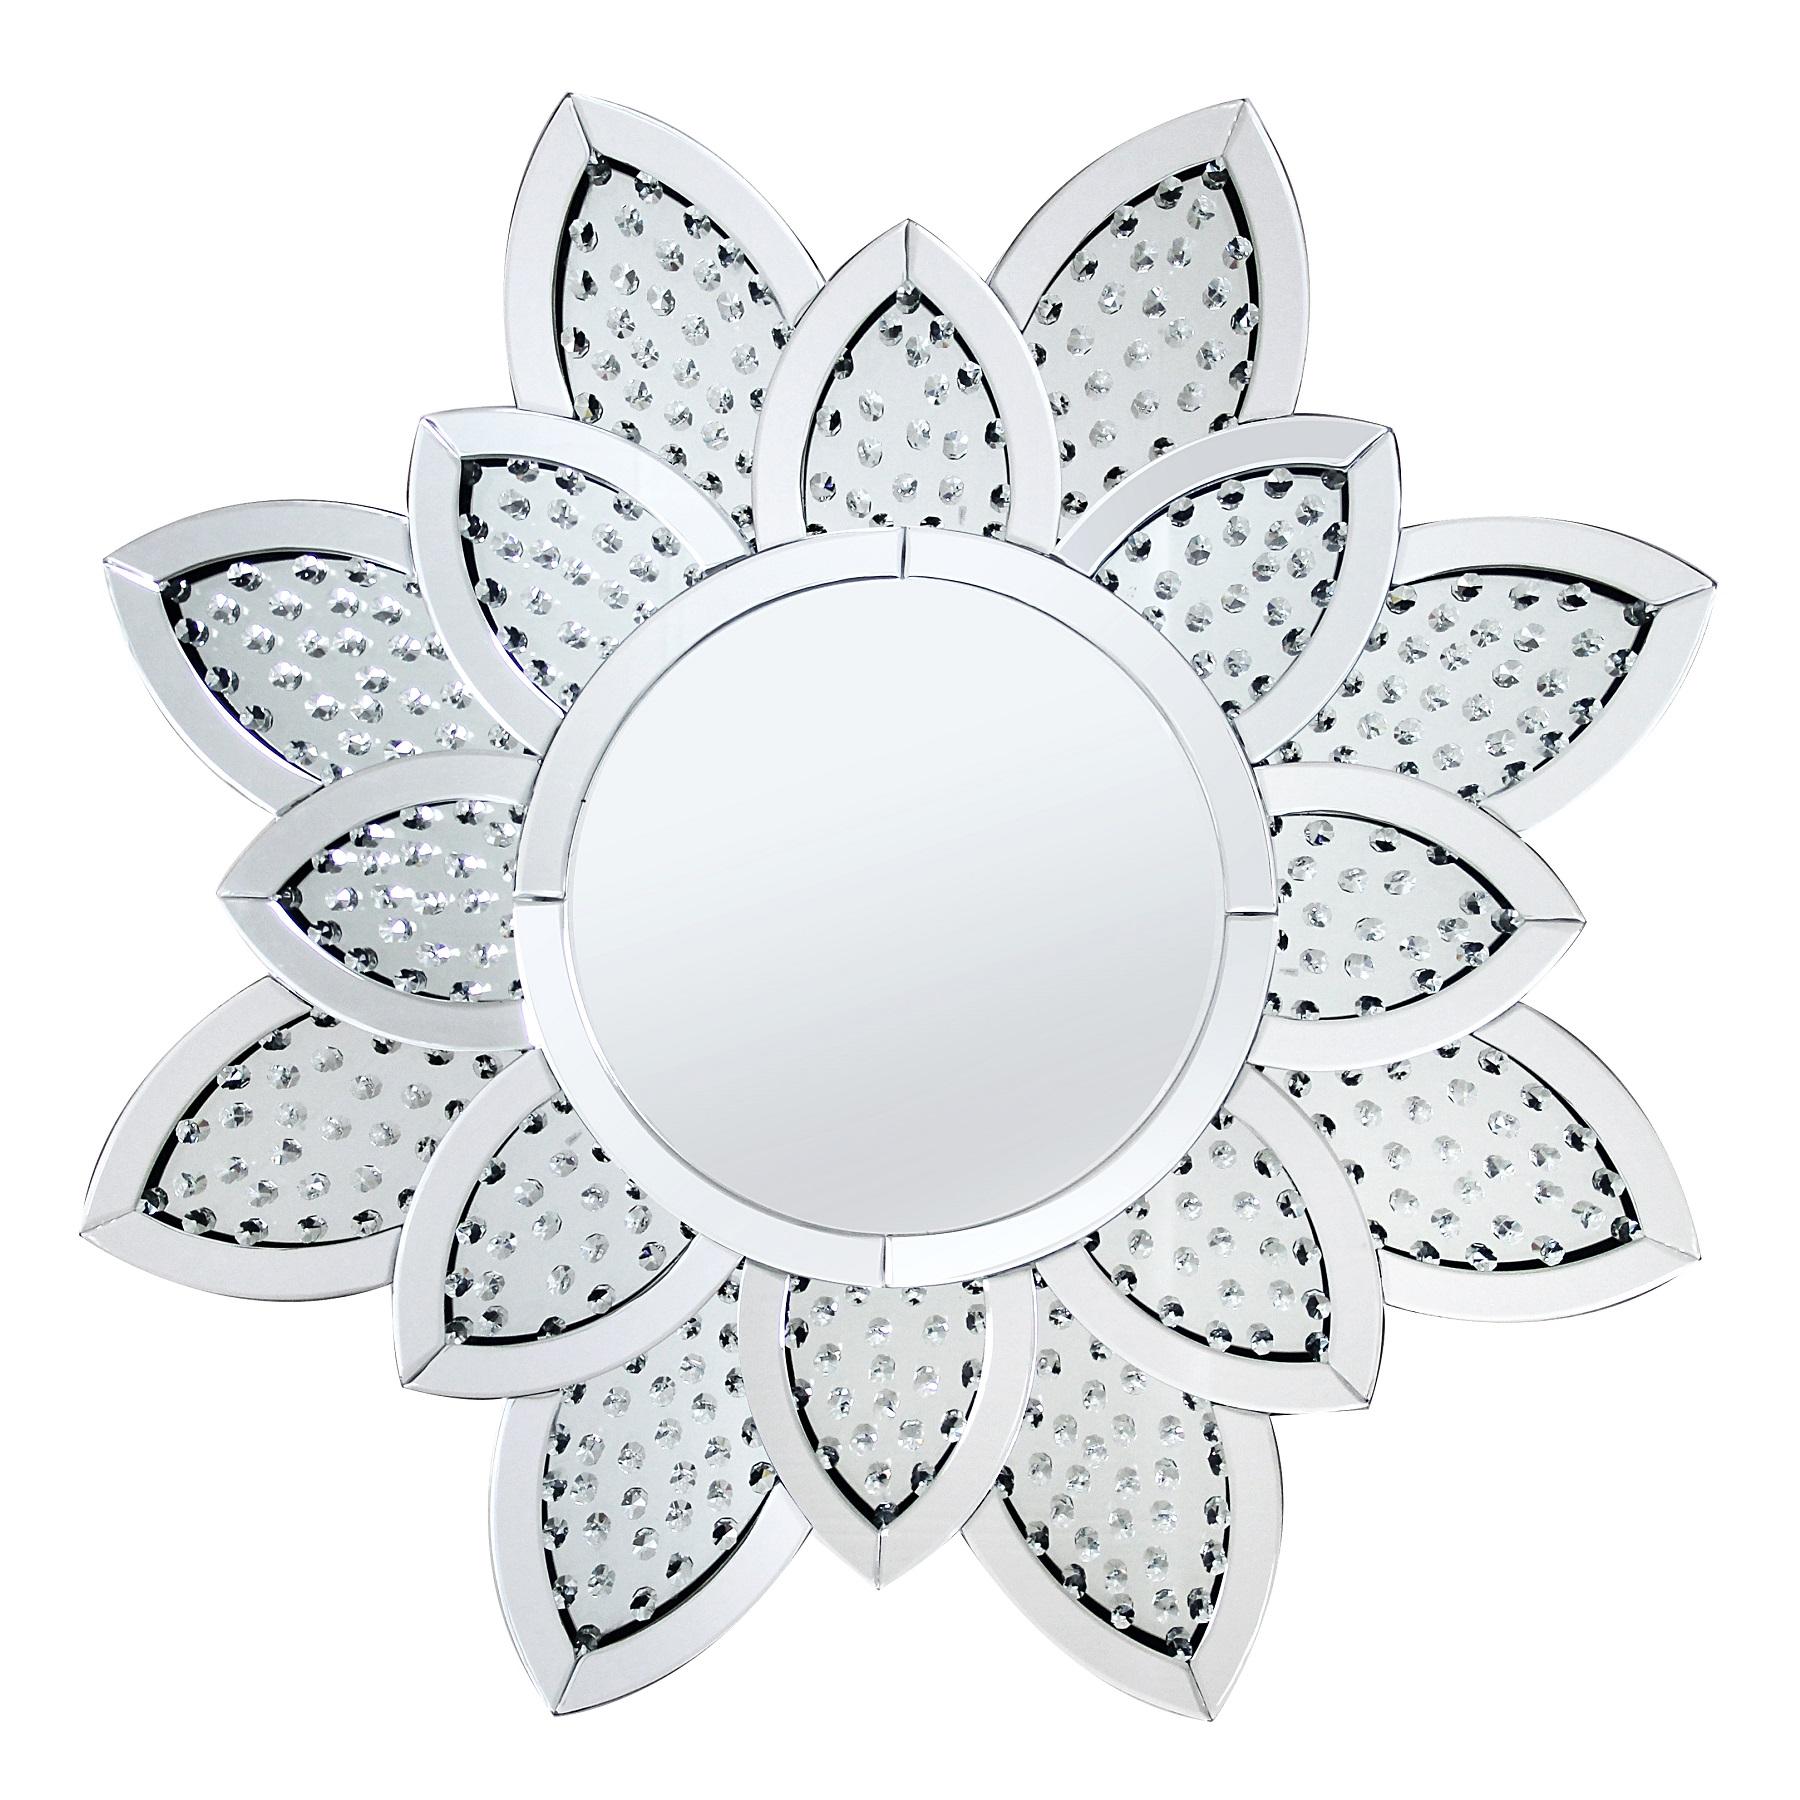 Купить Настенное зеркало Petalo, inmyroom, Китай